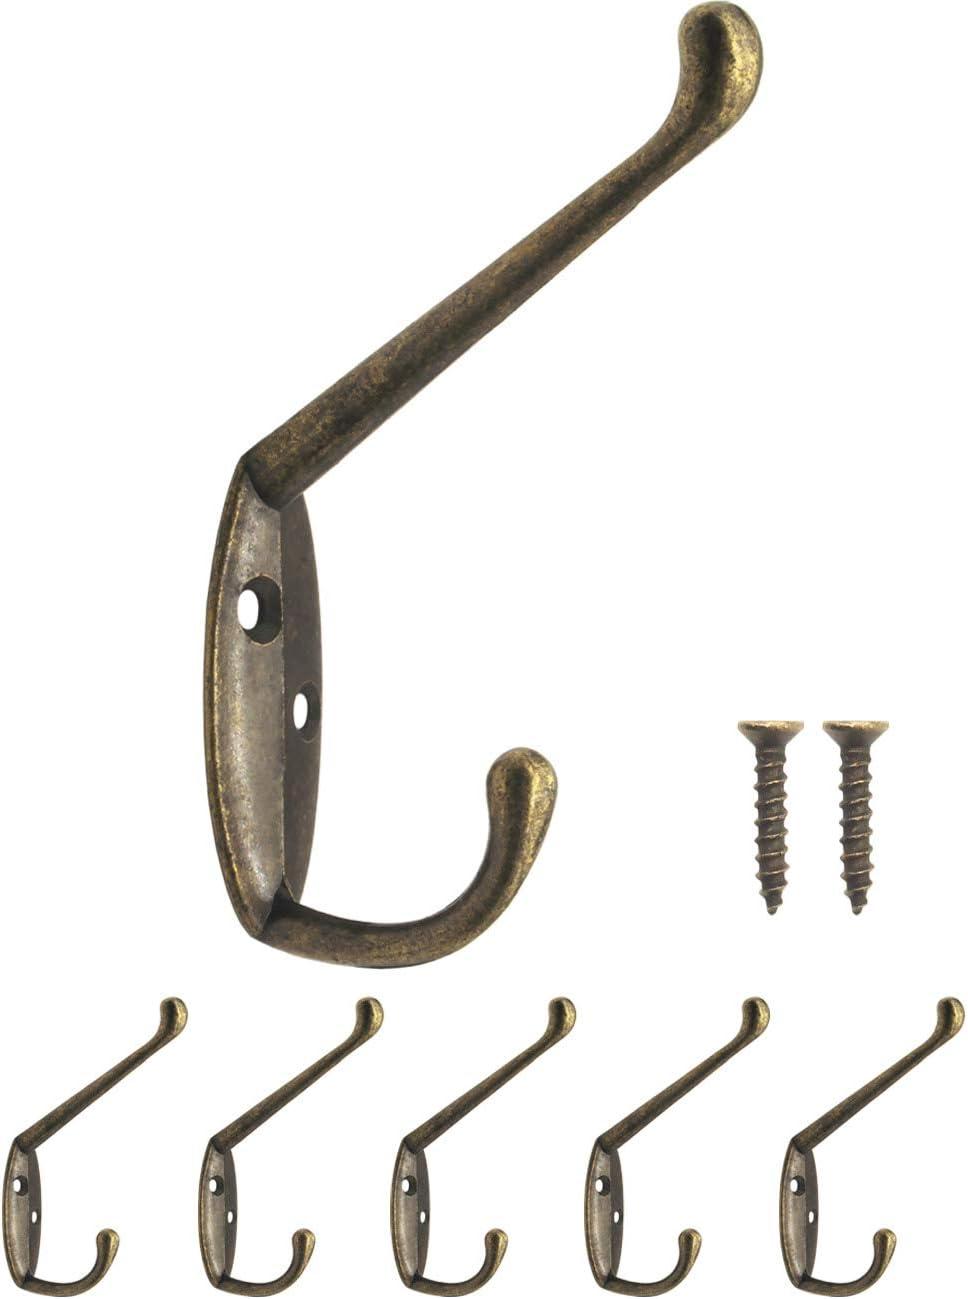 Fuxxer – Perchero clásico, doble gancho, gancho de hierro, gancho de metal, diseño de hierro fundido, vintage rústico retro, 85 x 55 mm, juego de 5, bronce